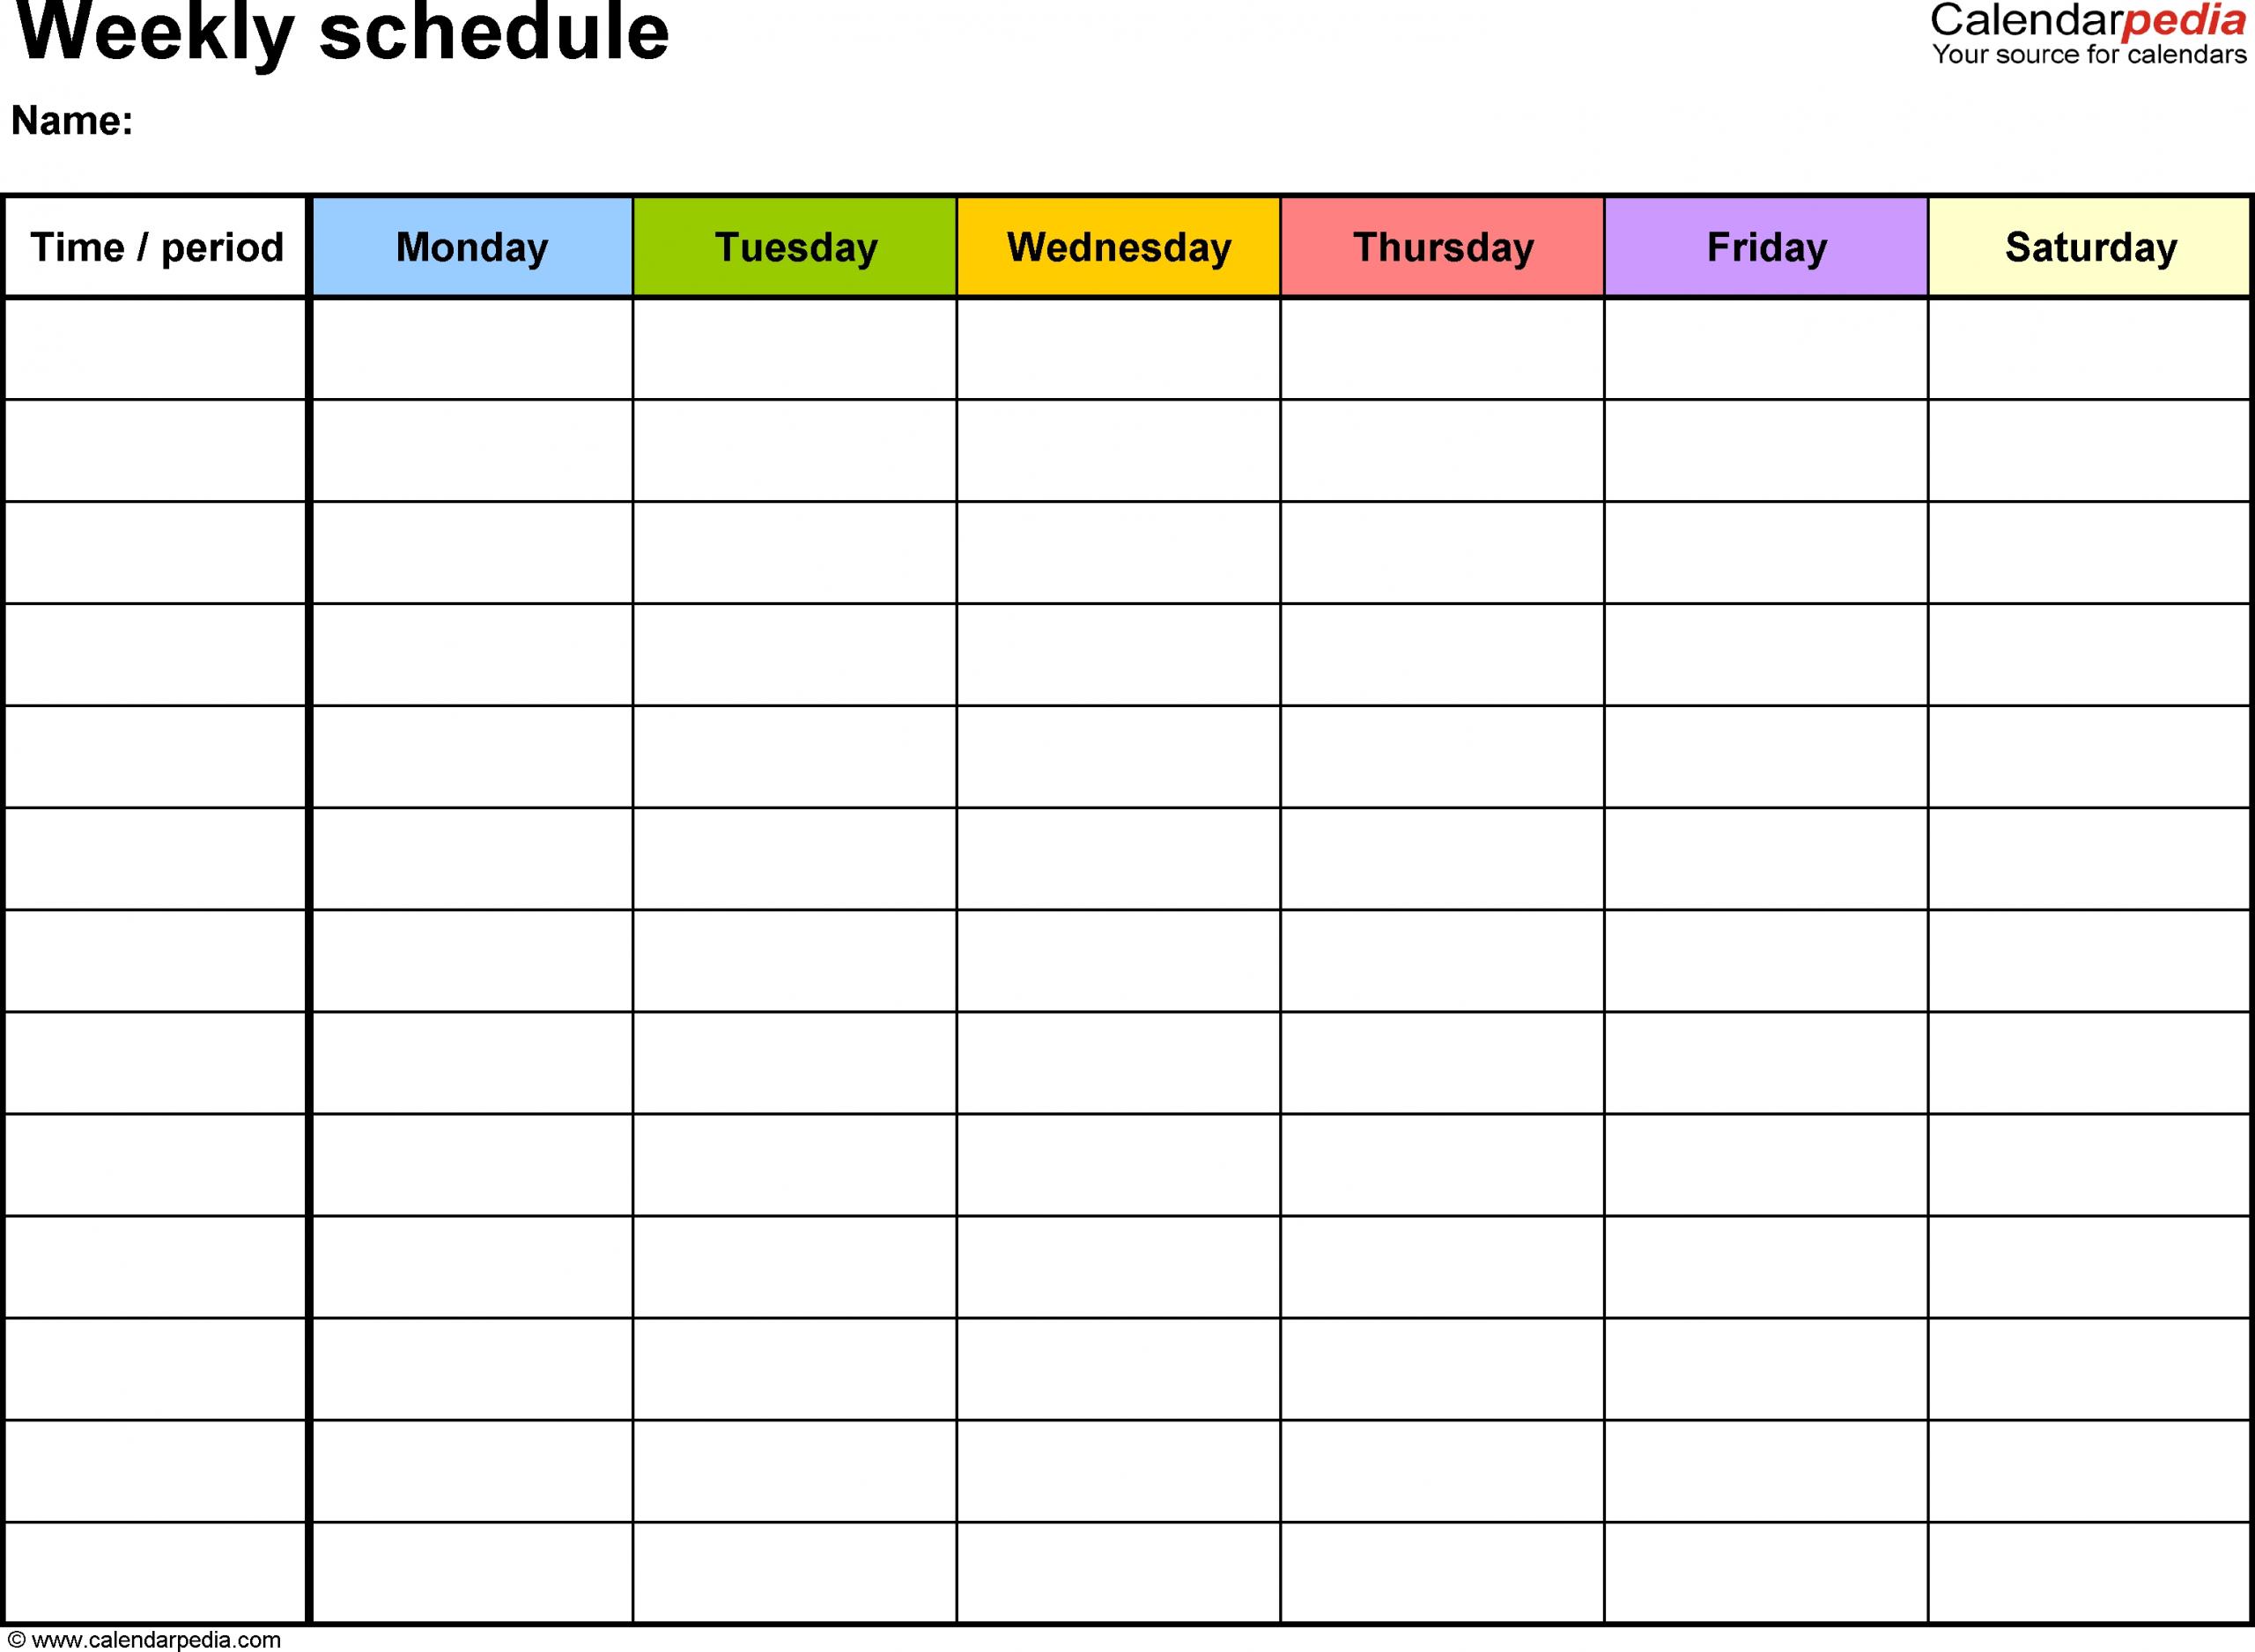 Weekly Calendar Template Word